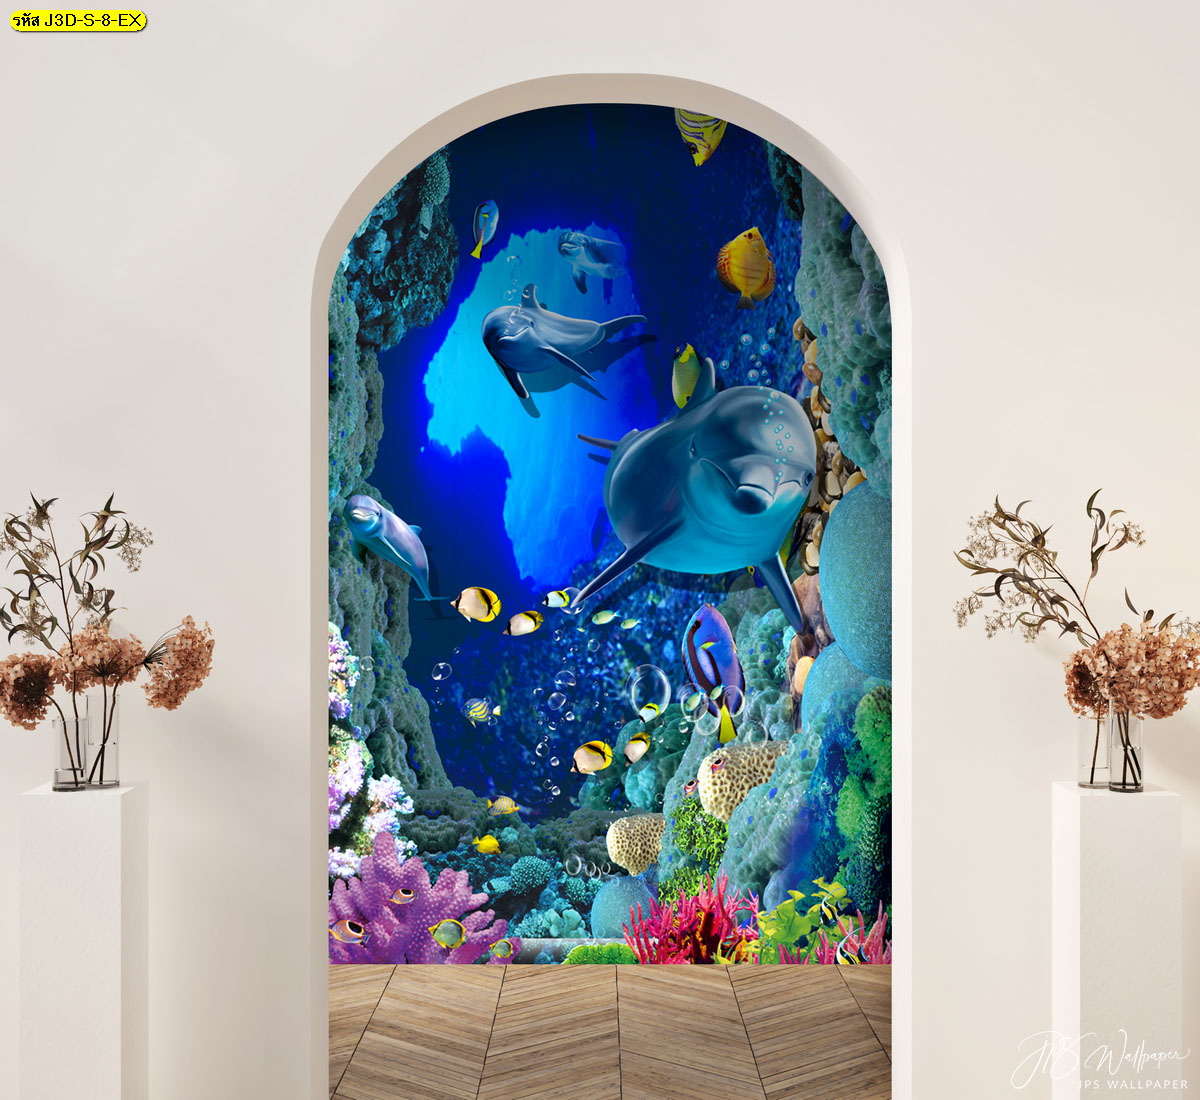 วอลเปเปอร์แต่งผนังโรงแรม ภาพติดกำแพงสไตล์ริมทะเล วอลเปเปอร์แนวตั้งโลมาใต้ท้องทะเลสวยๆ